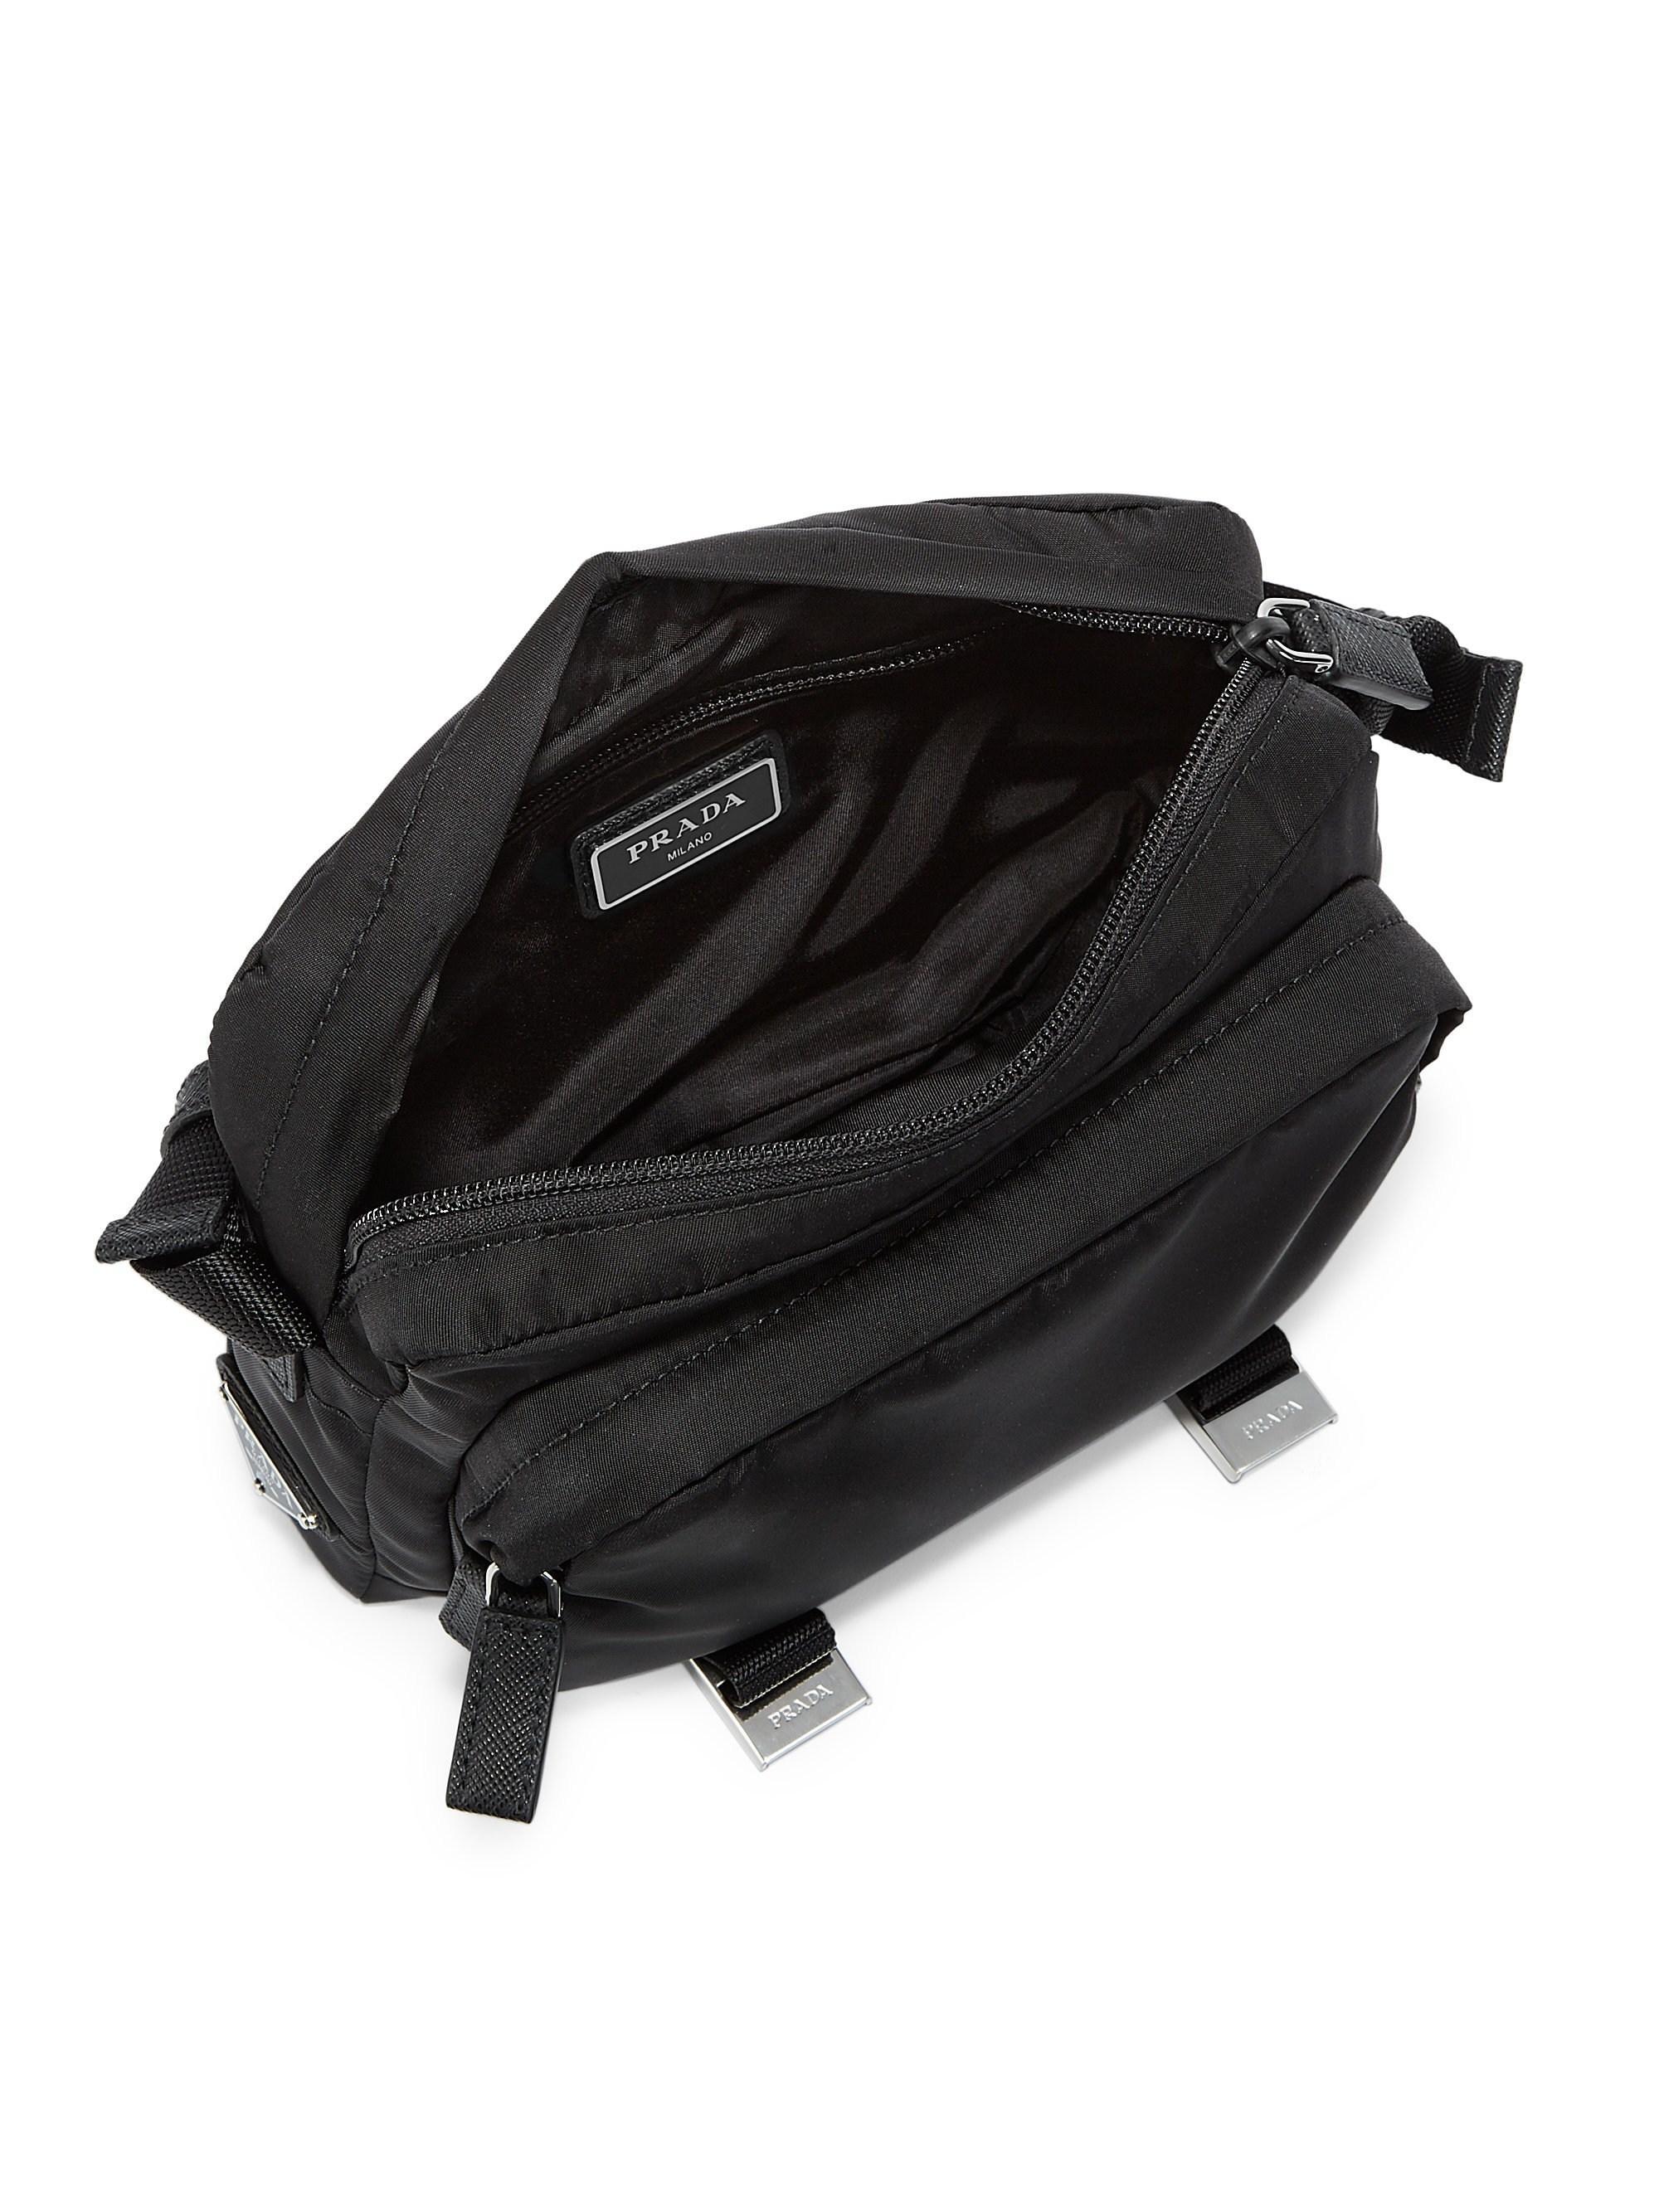 b72ec399f586 Lyst - Prada Mountain Messenger Bag in Black for Men